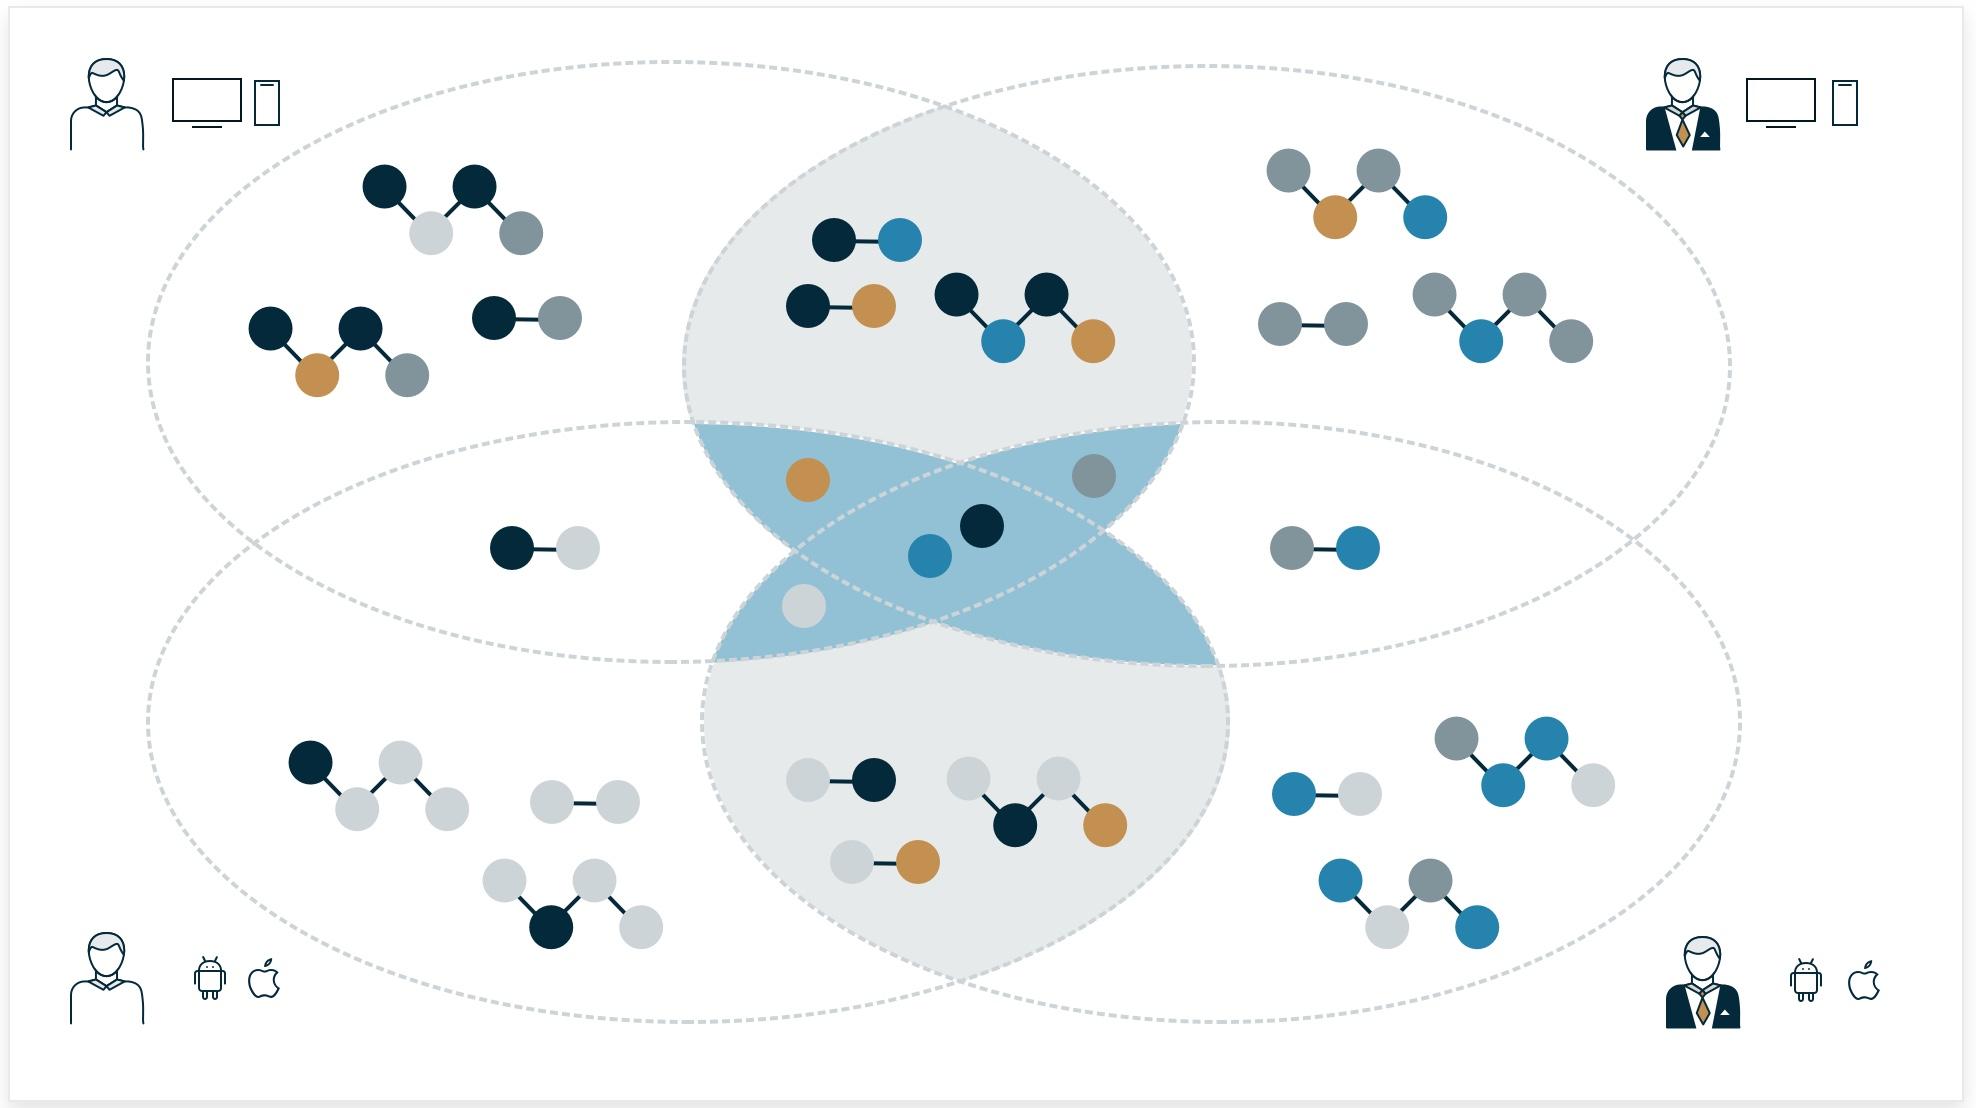 Die überschneidenden Symbole sind visuell dargestellt. Das sind vor allem die Atome und teilweise die Moleküle der einzelnen Zielgruppen bzw. Plattformen.